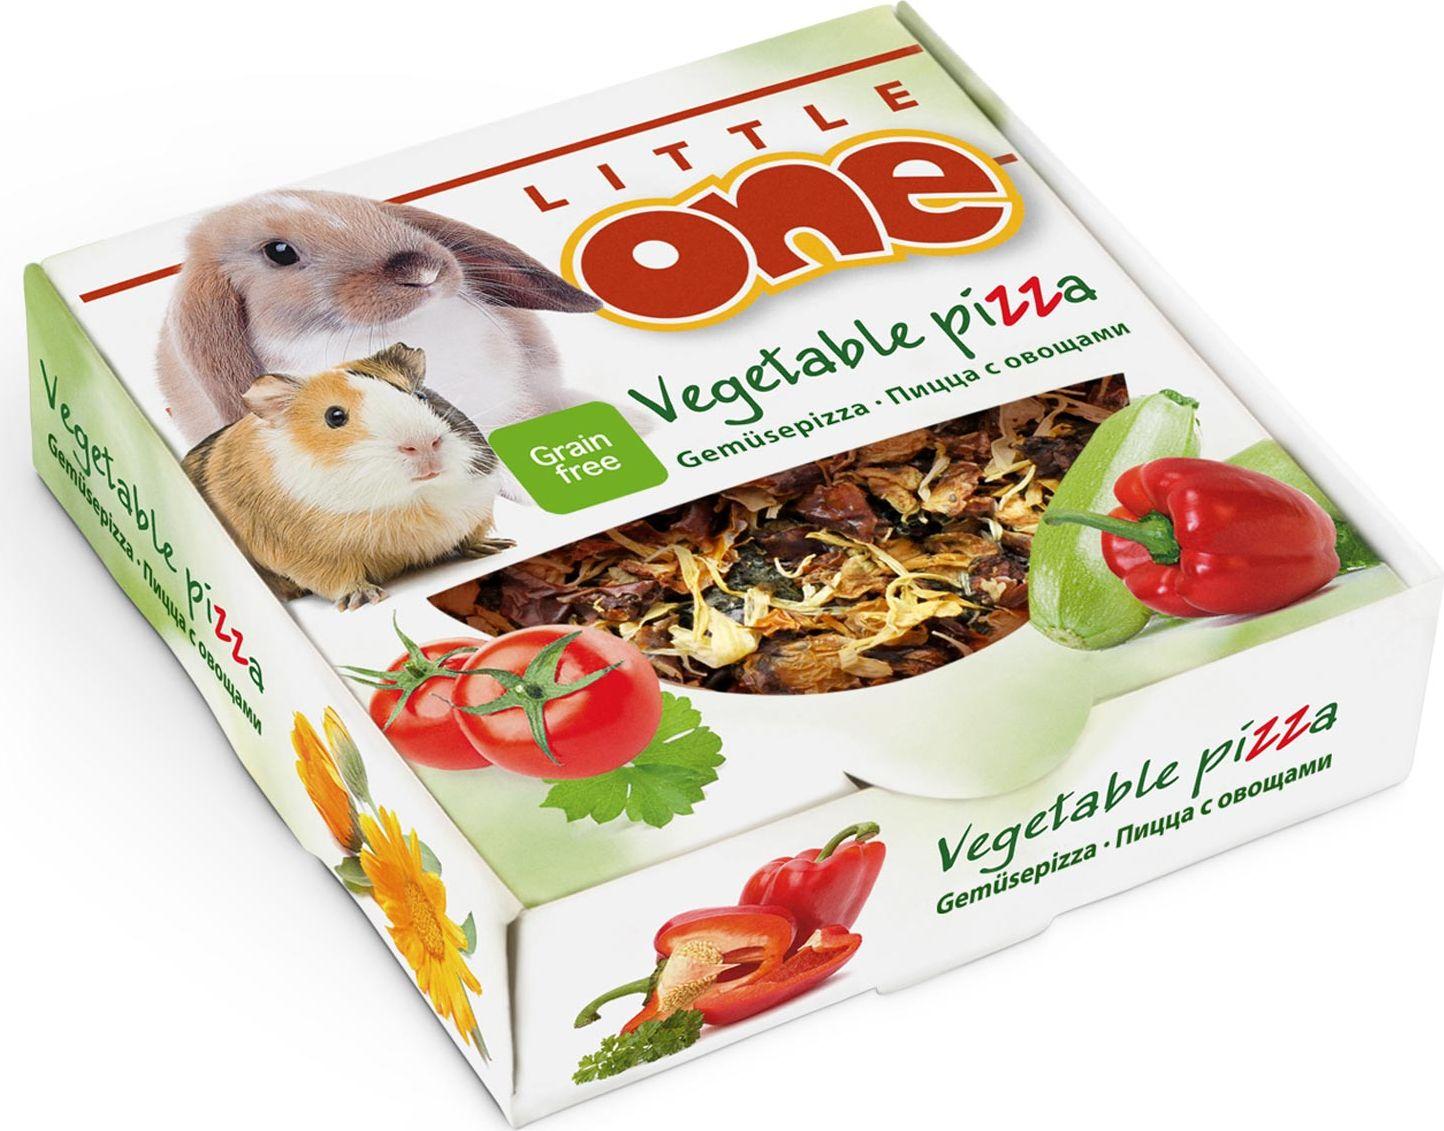 Лакомство-игрушка для грызунов Little One Пицца с овощами, 55 г59002Лакомство-игрушка для грызунов Little One Пицца с овощами подходит для всех видов грызунов: кроликов, морских свинок, шиншилл, крыс, хомячков и дегу. Основа изготовлена из ароматной петрушки, выращенной в открытом грунте под солнцем. Овощной топпинг состоит из сушеного кабачка, томата, перца, лепестков календулы и овсяных хлопьев. Такой состав делает пиццу настоящим удовольствием для домашних питомцев, а также источником витаминов и других питательных веществ. Форма пиццы очень удобна для разгрызания, а жесткая структура способствует стачиванию постоянно растущих зубов у грызунов и кроликов. Аппетитная овощная пицца Little One - забавное лакомство, которым можно побаловать вашего маленького любимца. Состав: петрушка, сушеный кабачок, томат, перец, лепестки календулы, овсяные хлопья. Пищевая ценность: белки 10%, жиры 2,3%, клетчатка 11%, зола 8,6%.Товар сертифицирован.